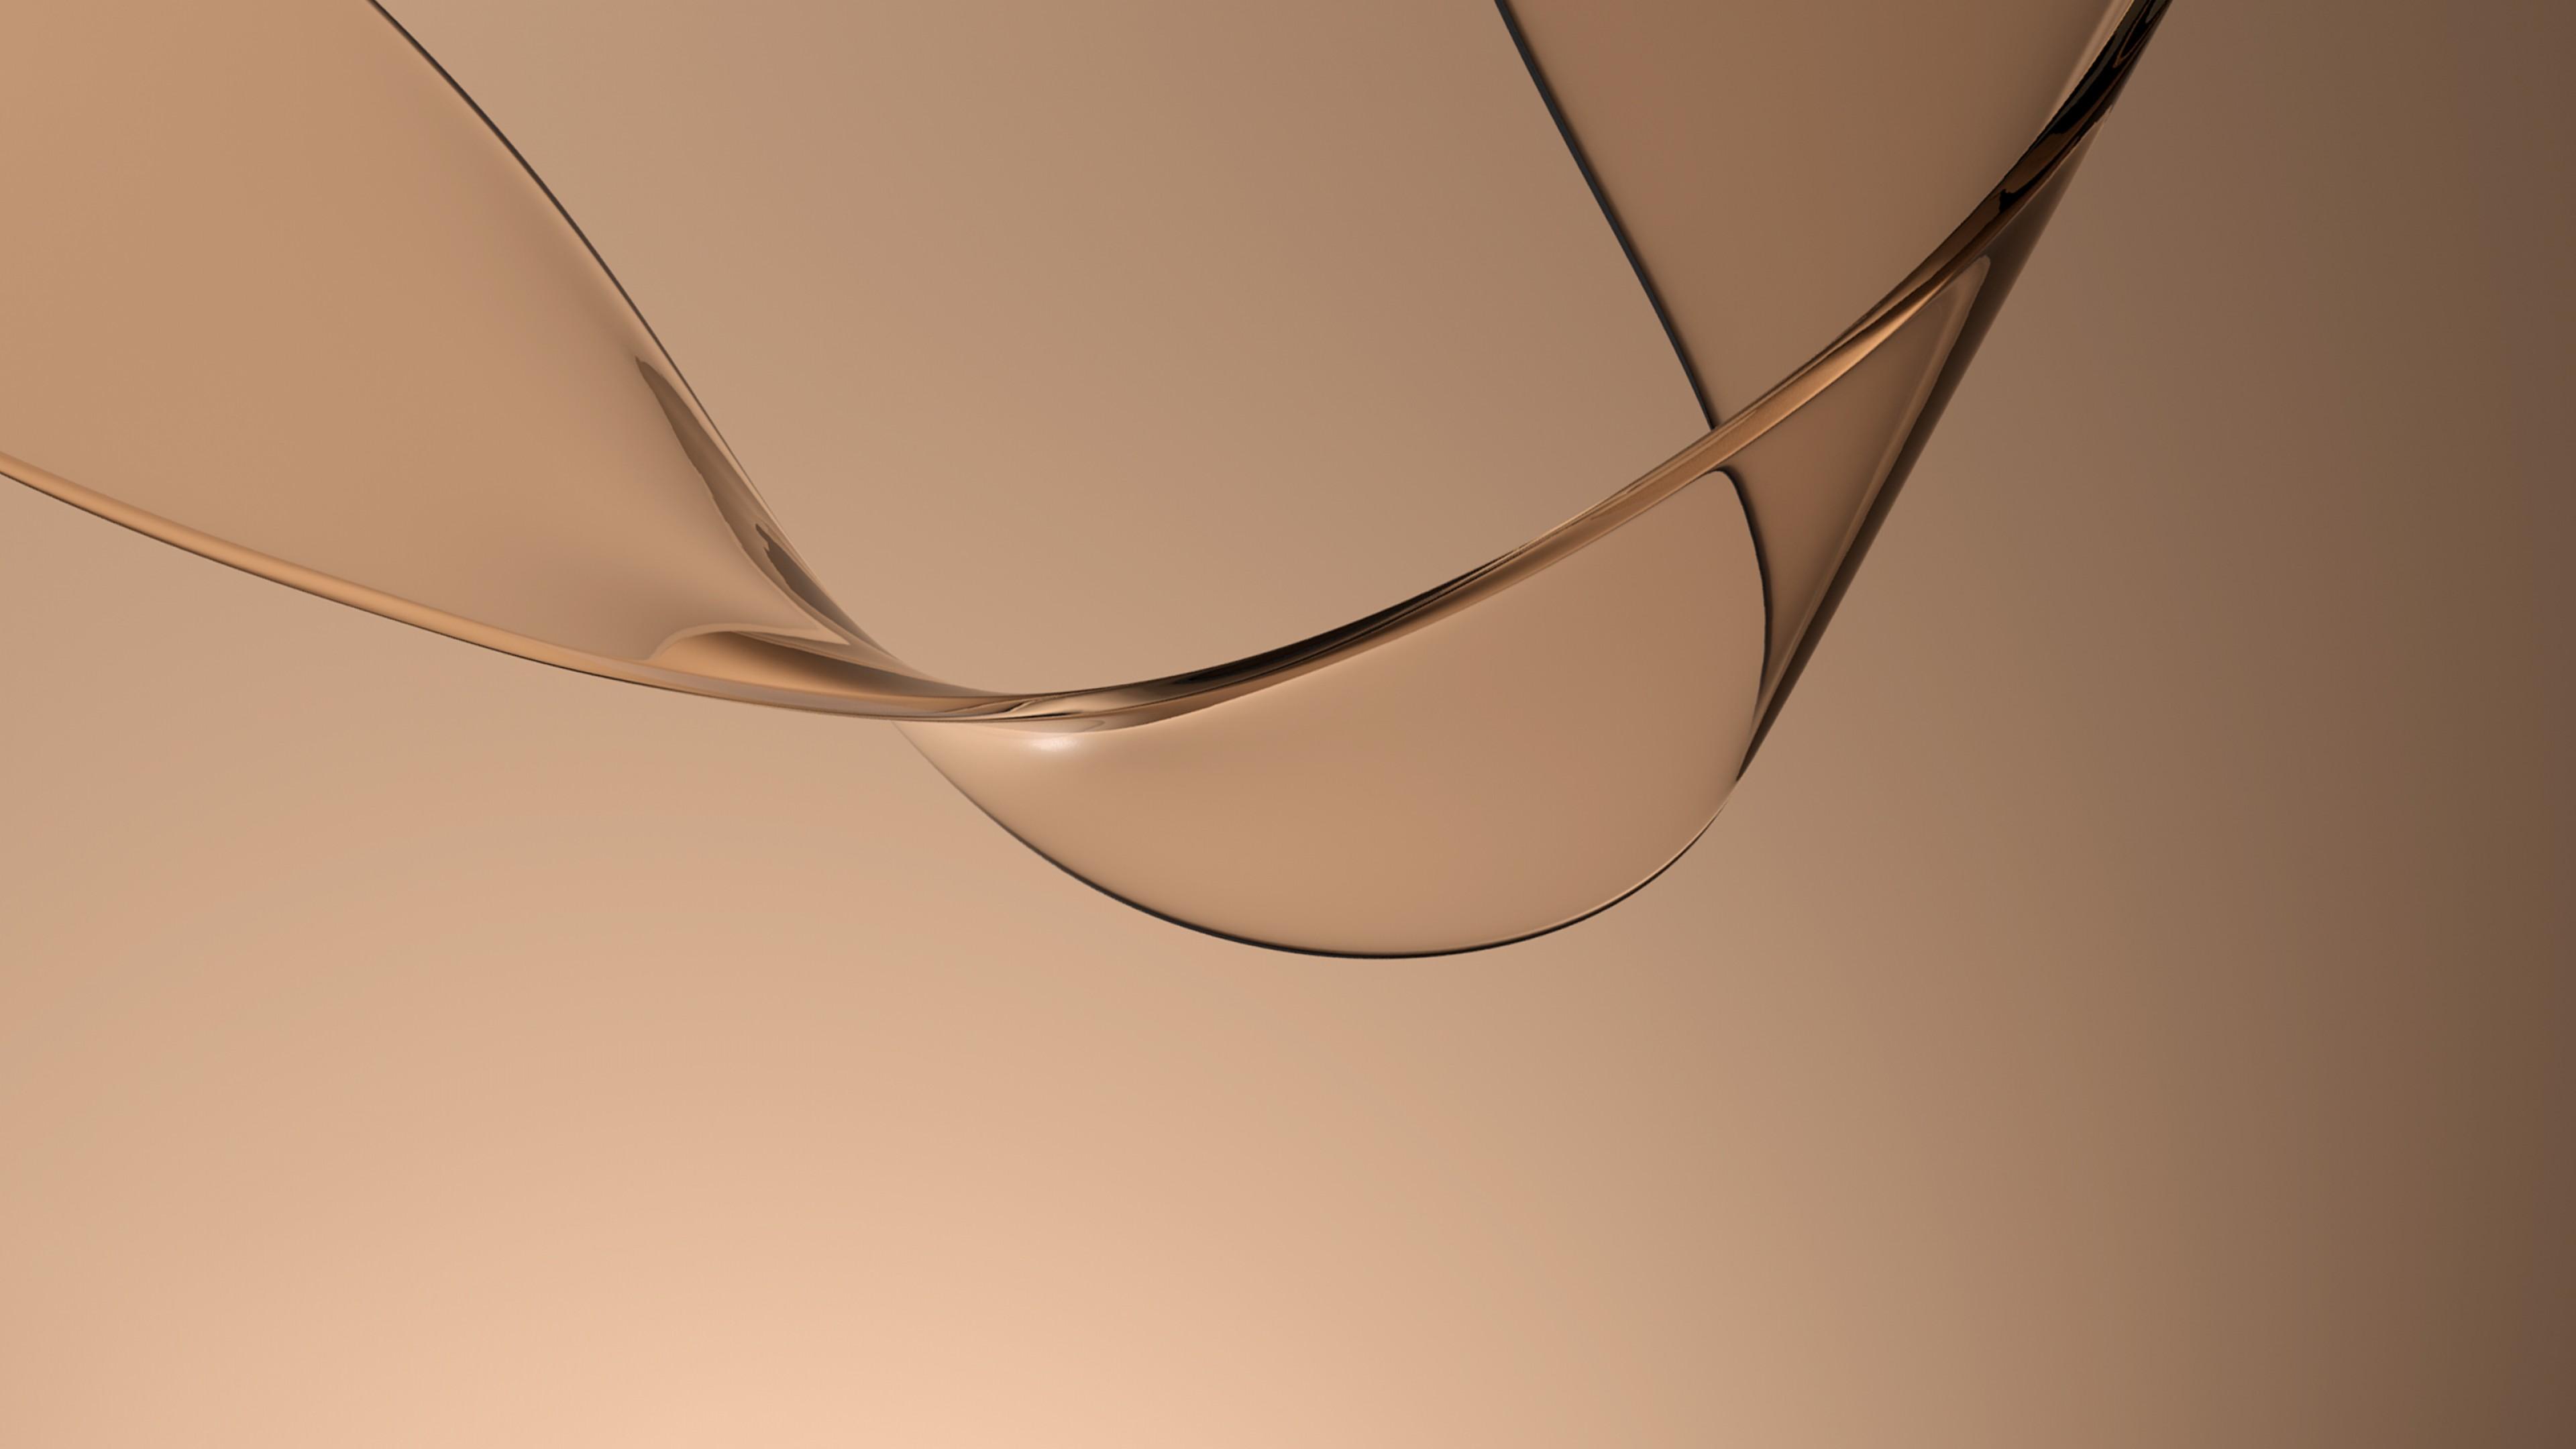 Фигурное светло-коричневое прозрачное стекло с блестящей полоской